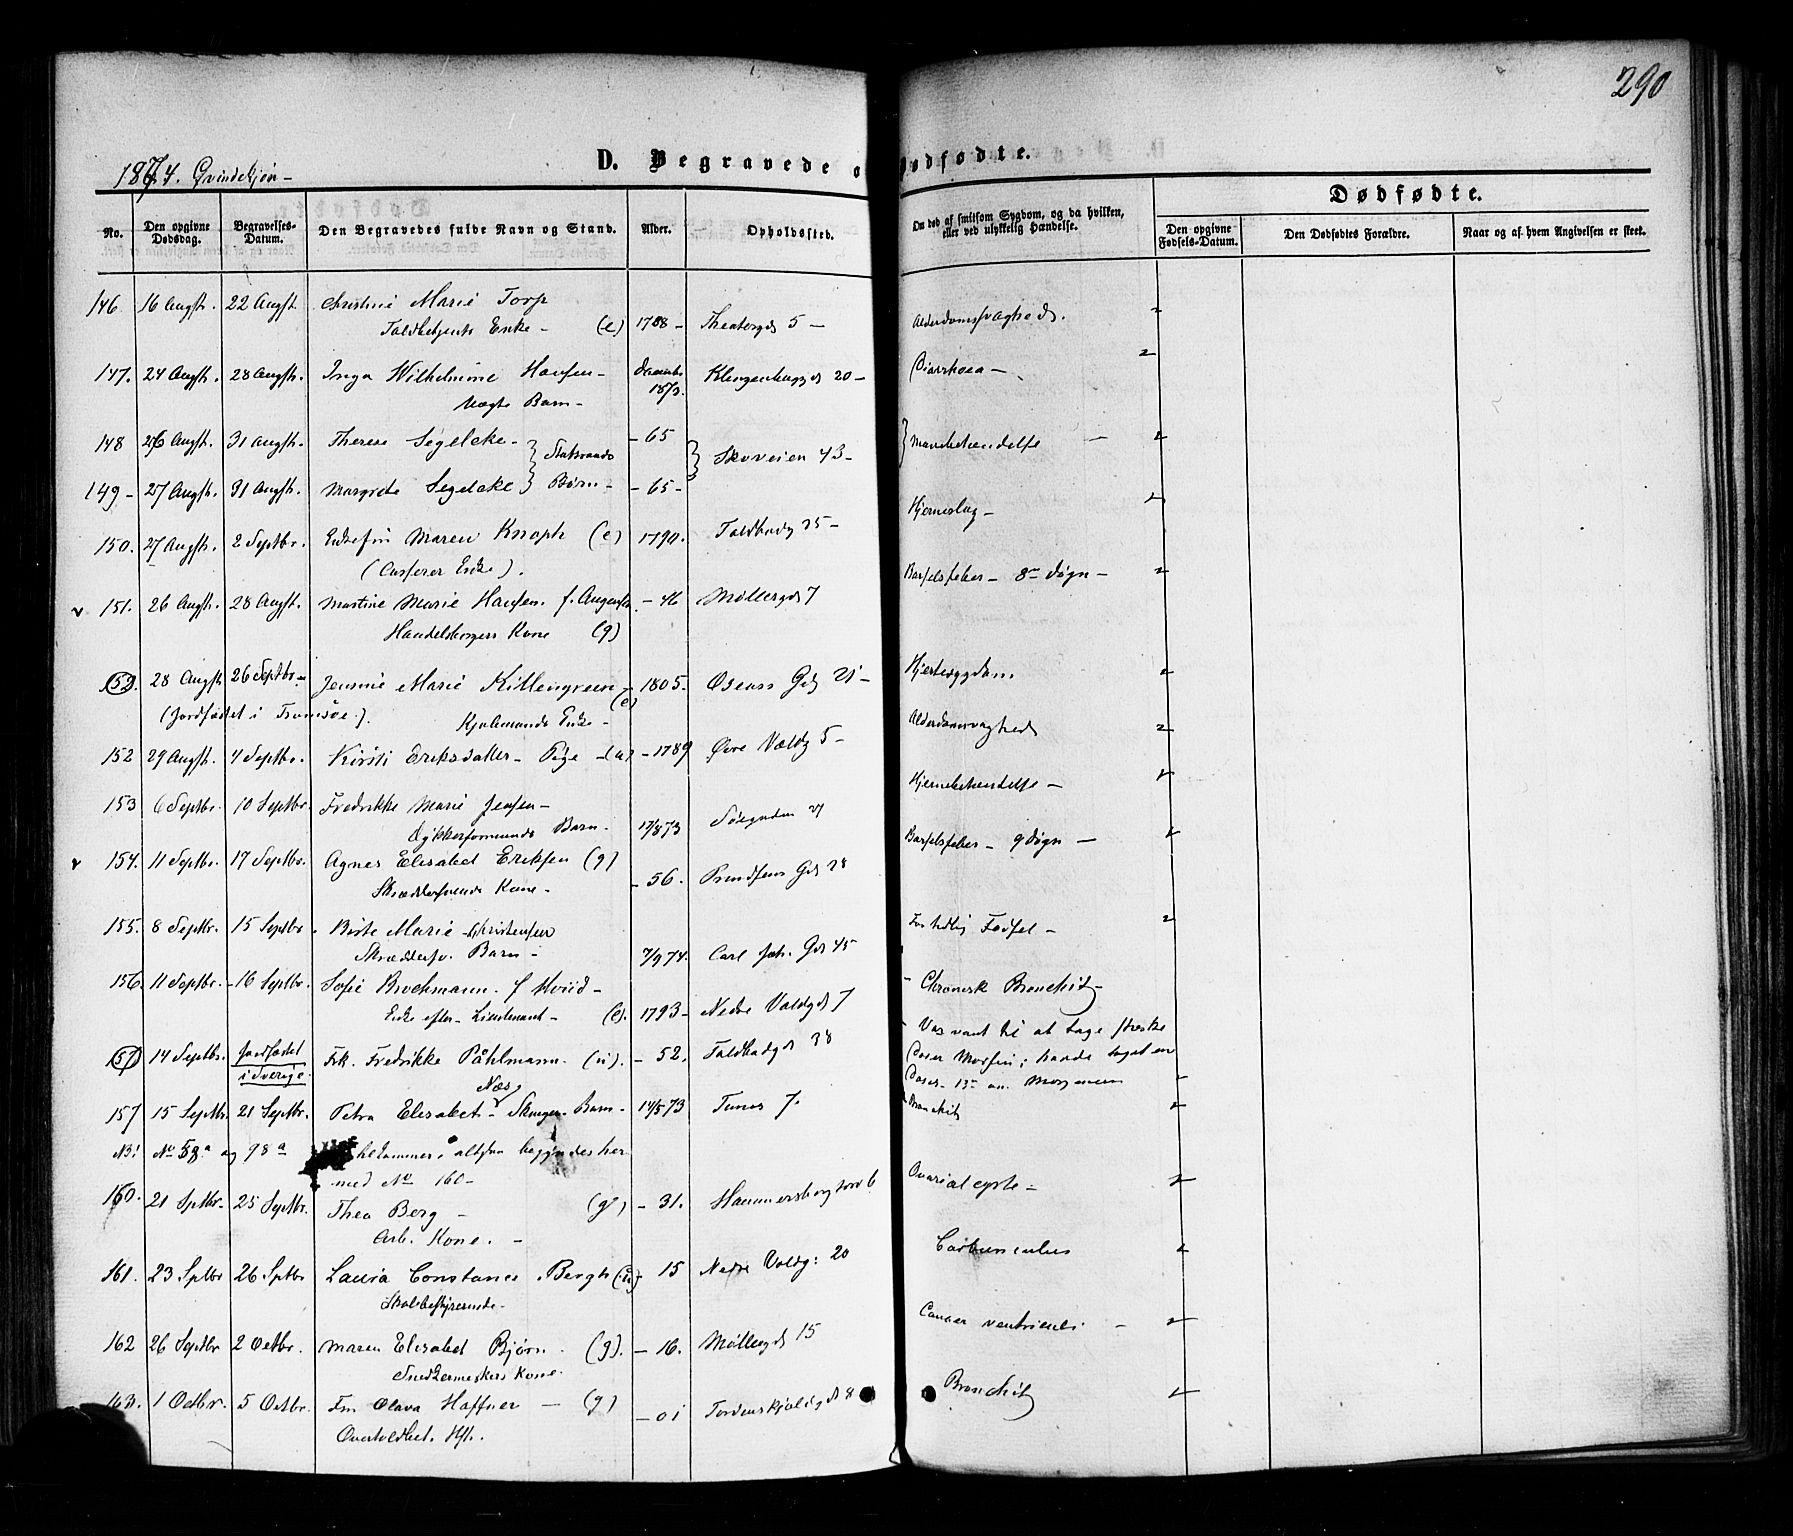 SAO, Trefoldighet prestekontor Kirkebøker, F/Fd/L0001: Ministerialbok nr. IV 1, 1858-1877, s. 290